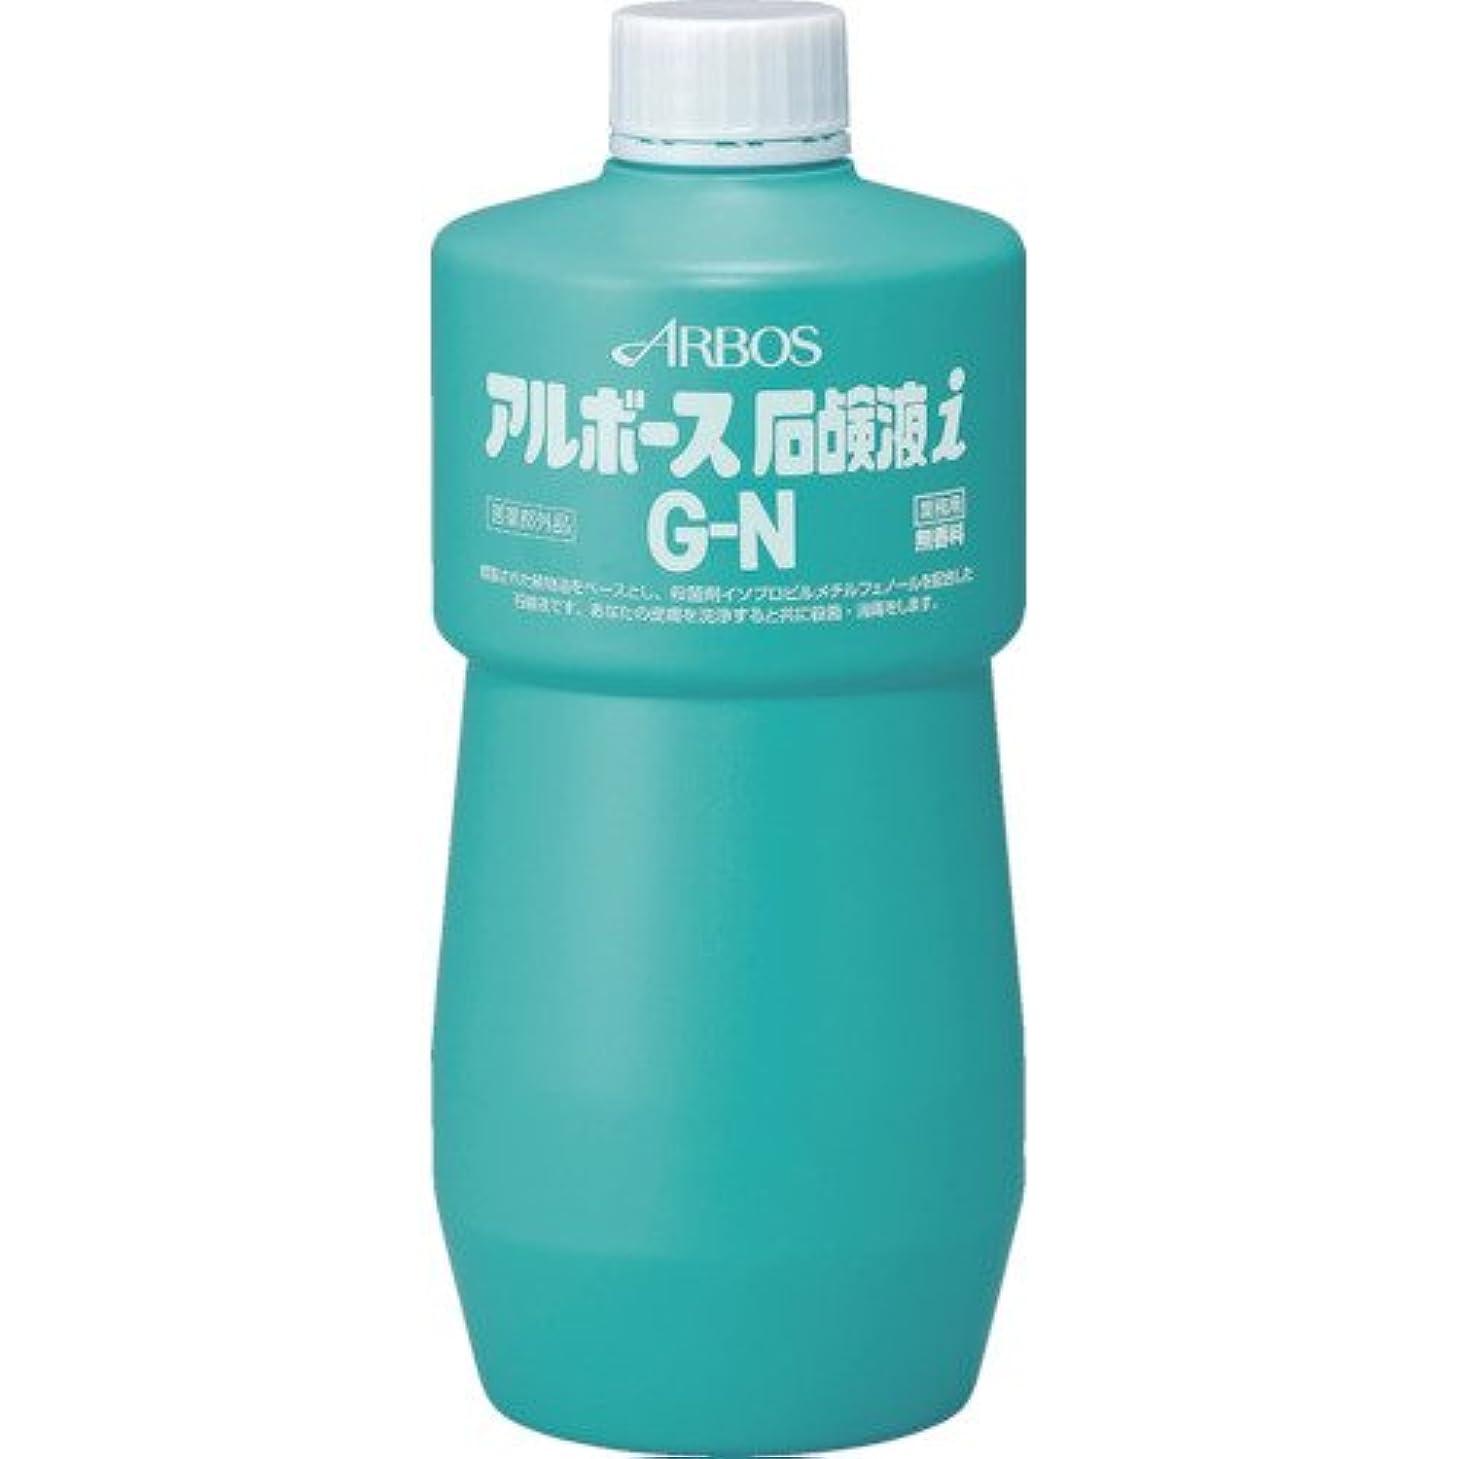 カリキュラム反射対応するアルボース石鹸液iGN 1G [医薬部外品]